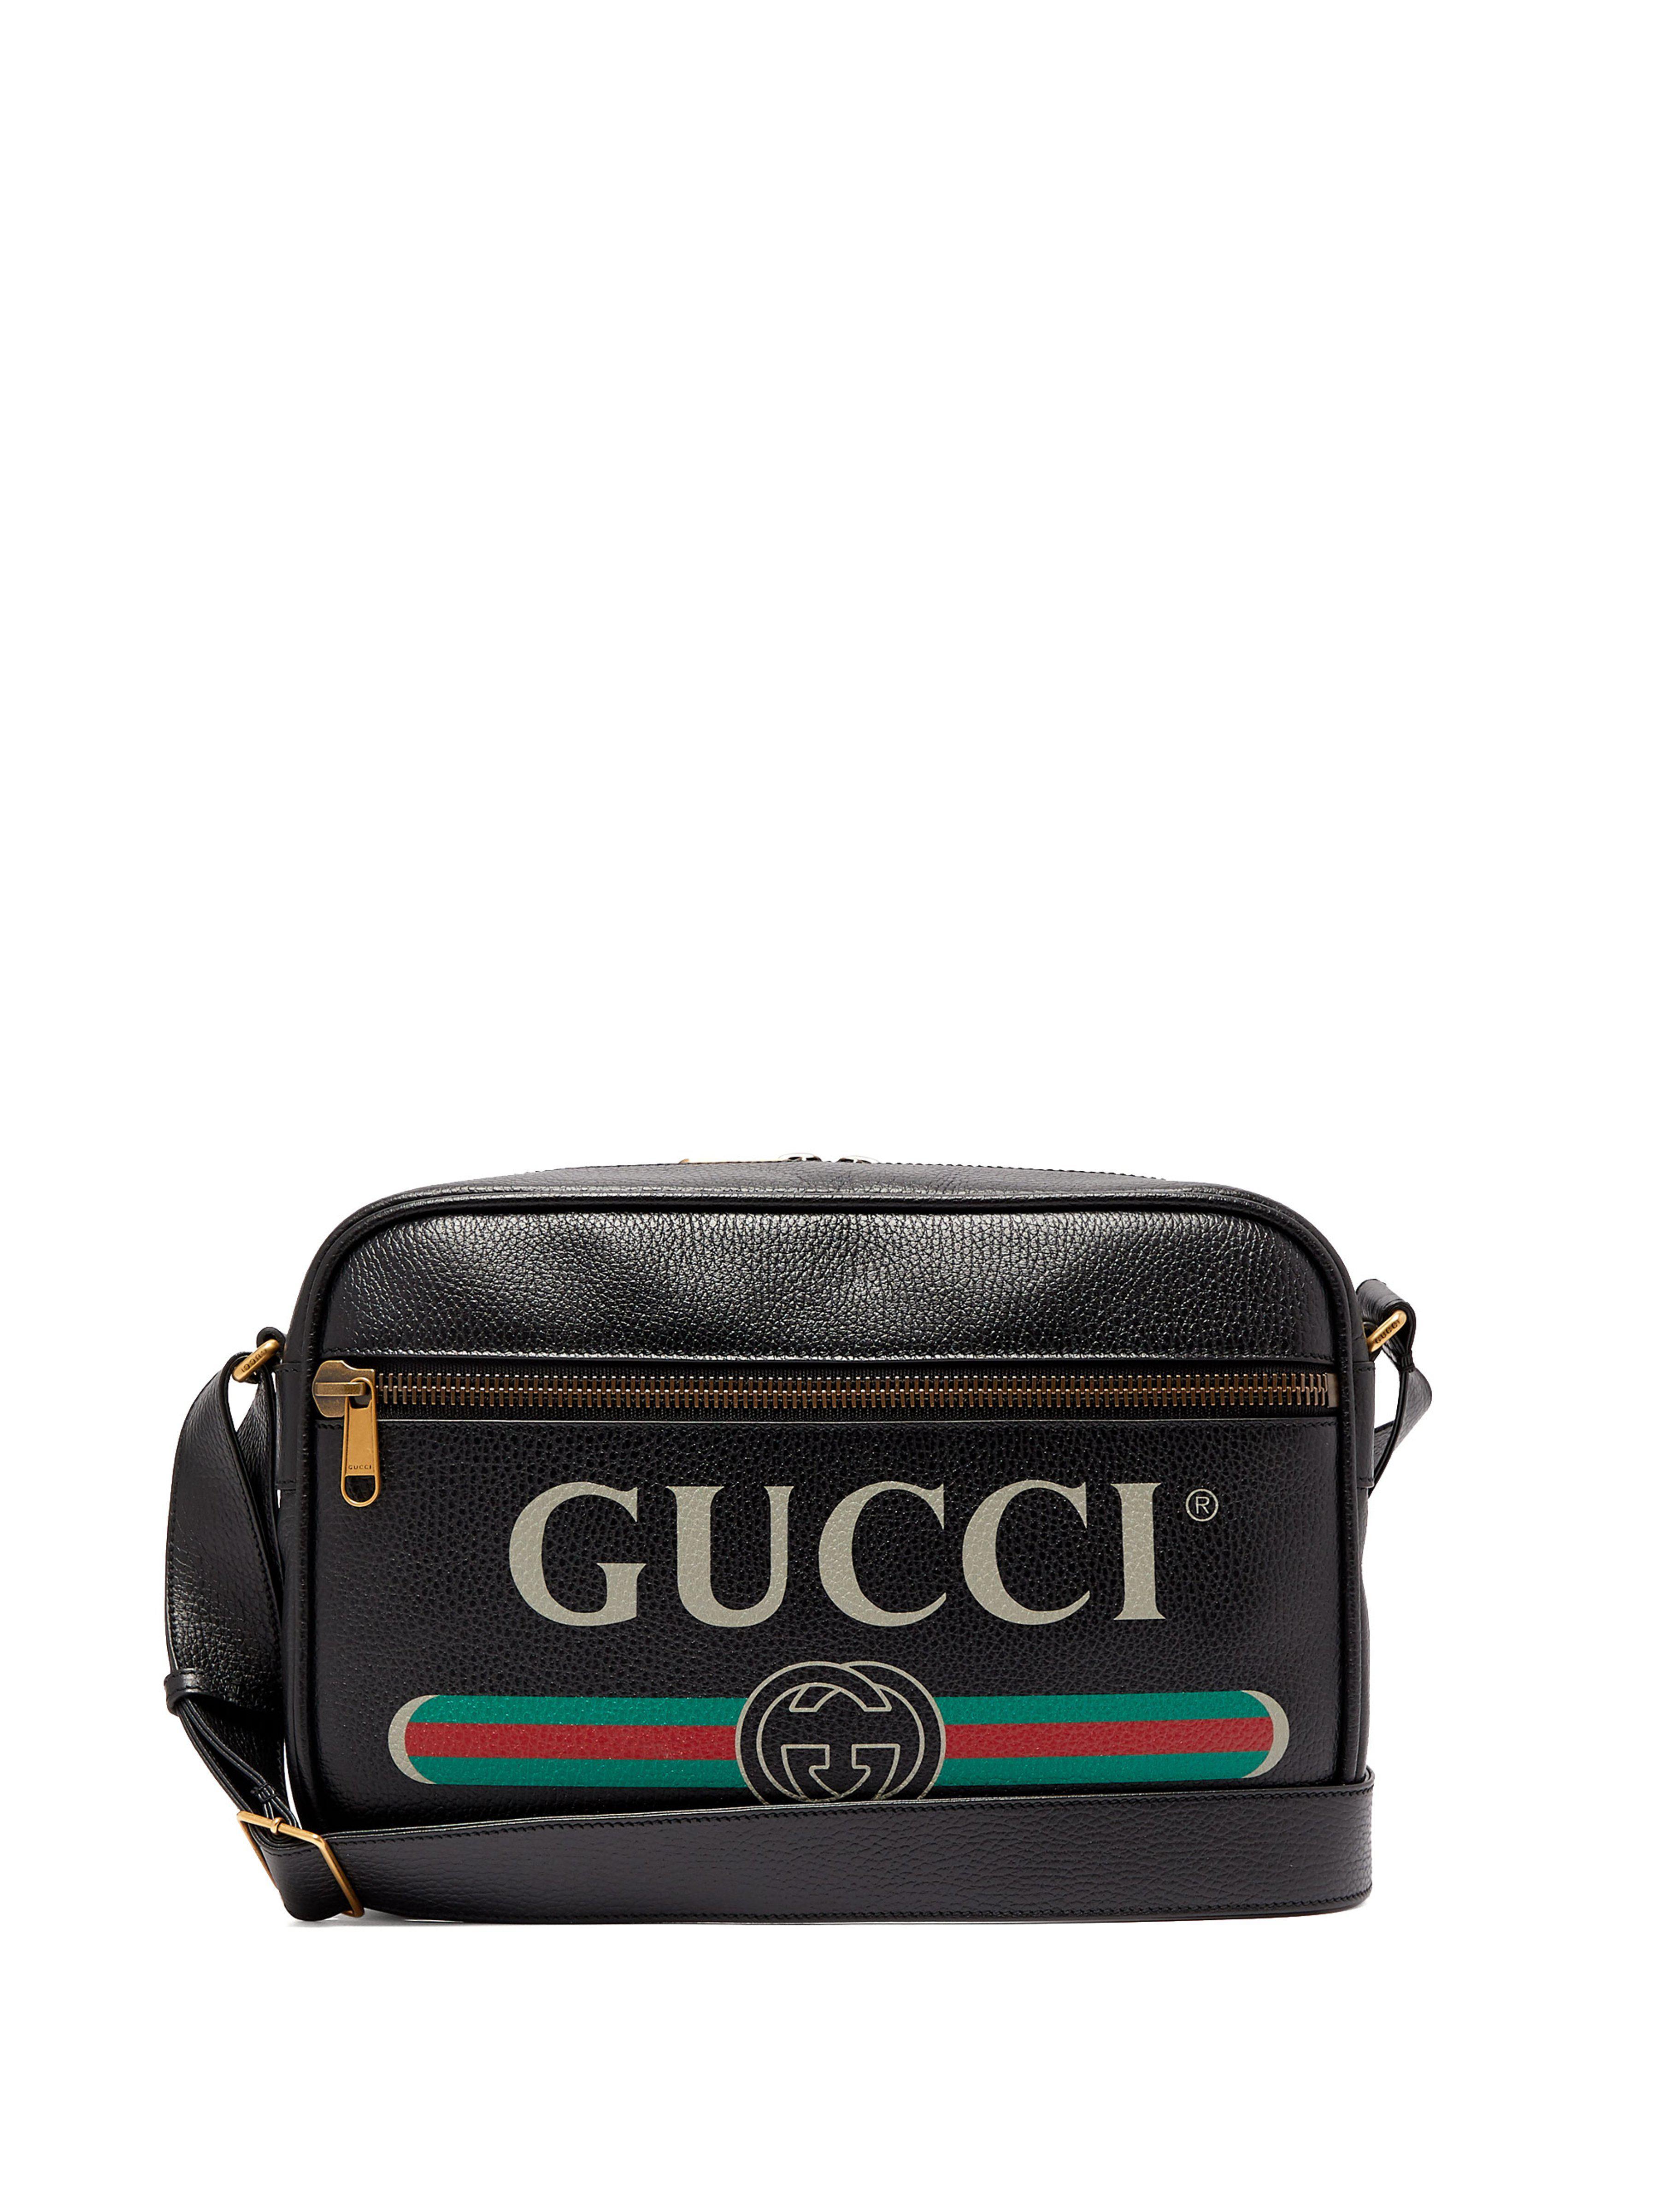 271e7ed5071 Gucci - Black Print Shoulder Bag for Men - Lyst. View fullscreen